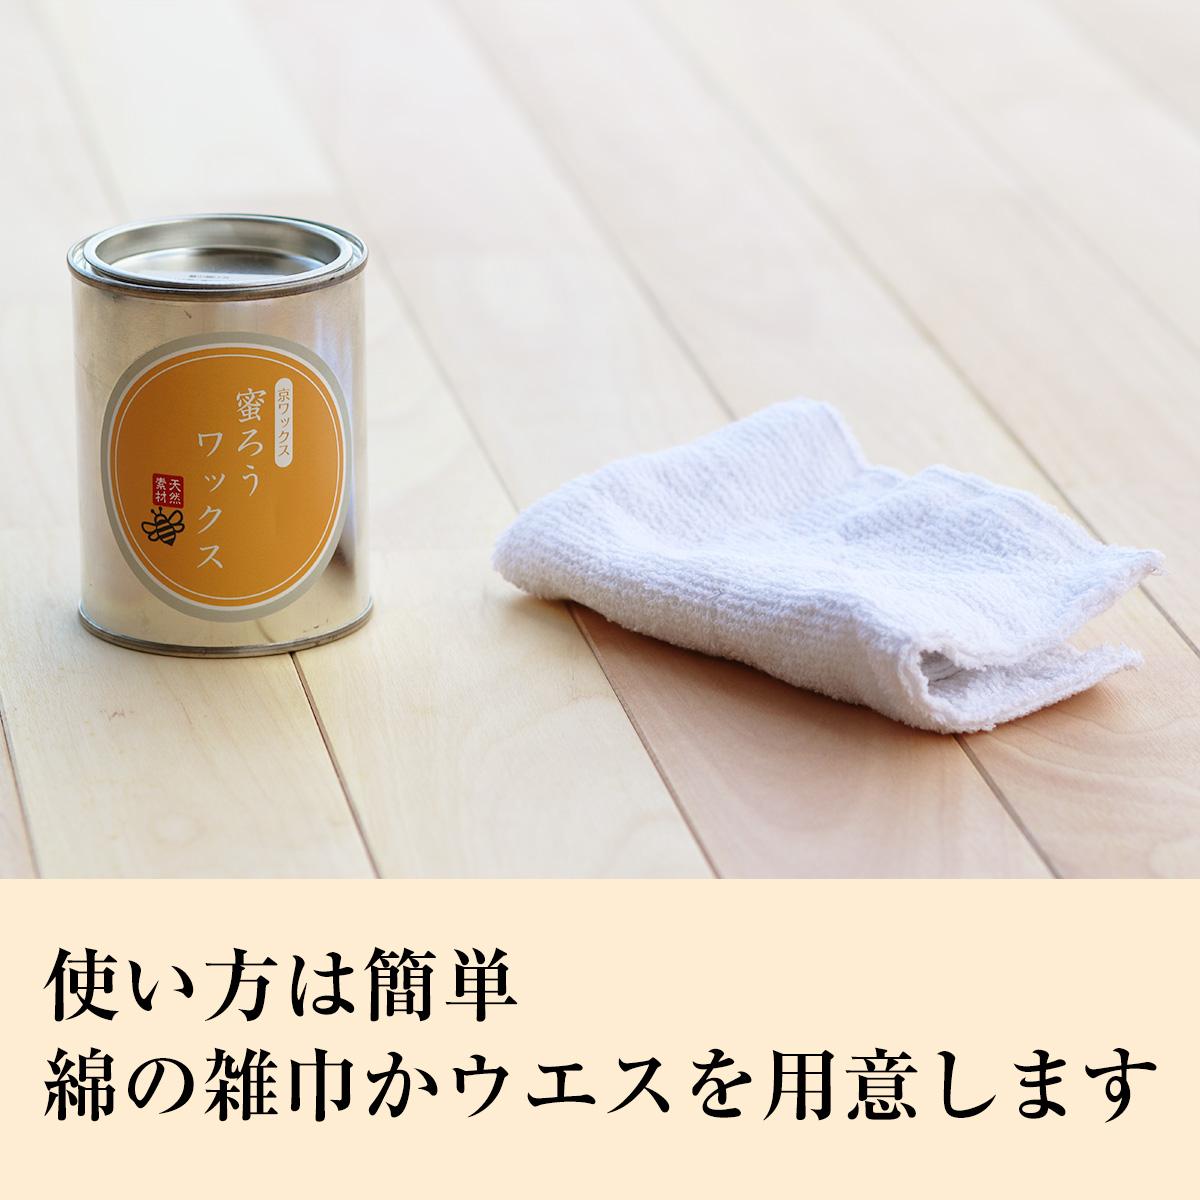 使い方は簡単 綿の雑巾かウエスを用意します